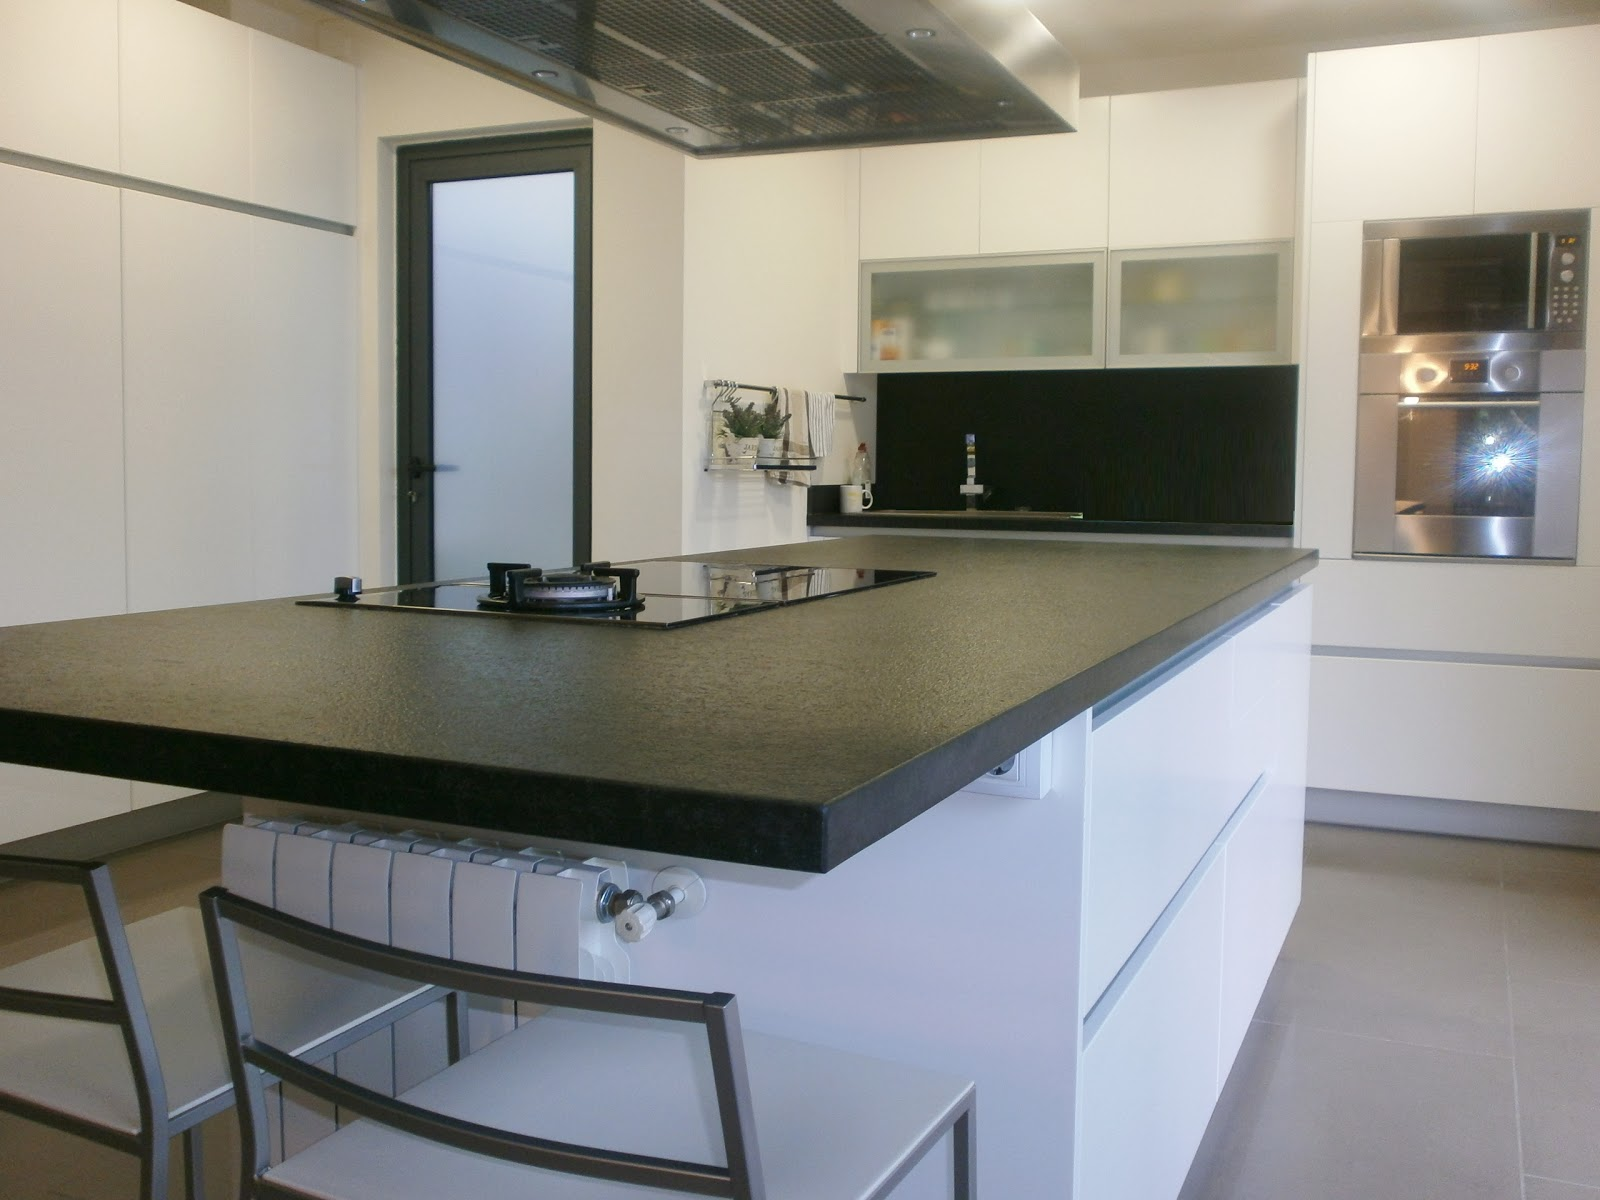 Granito negro y cocina blanca sobria y siempre actual - Encimera granito negro ...